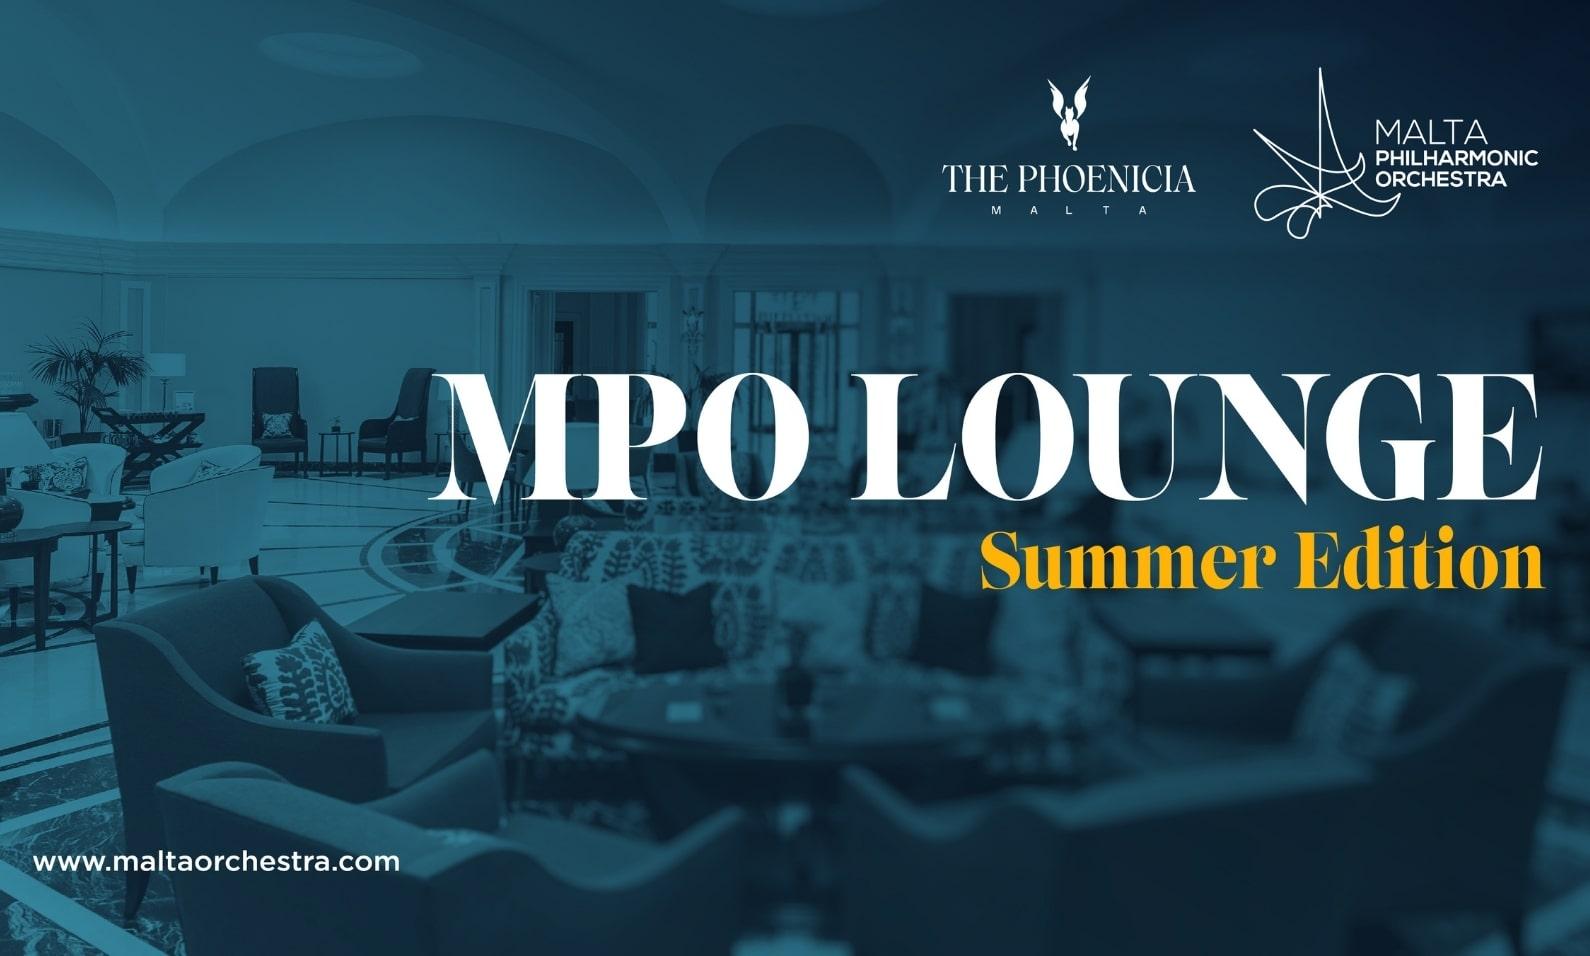 MPO Lounge Summer Edition - The Phoenicia Malta